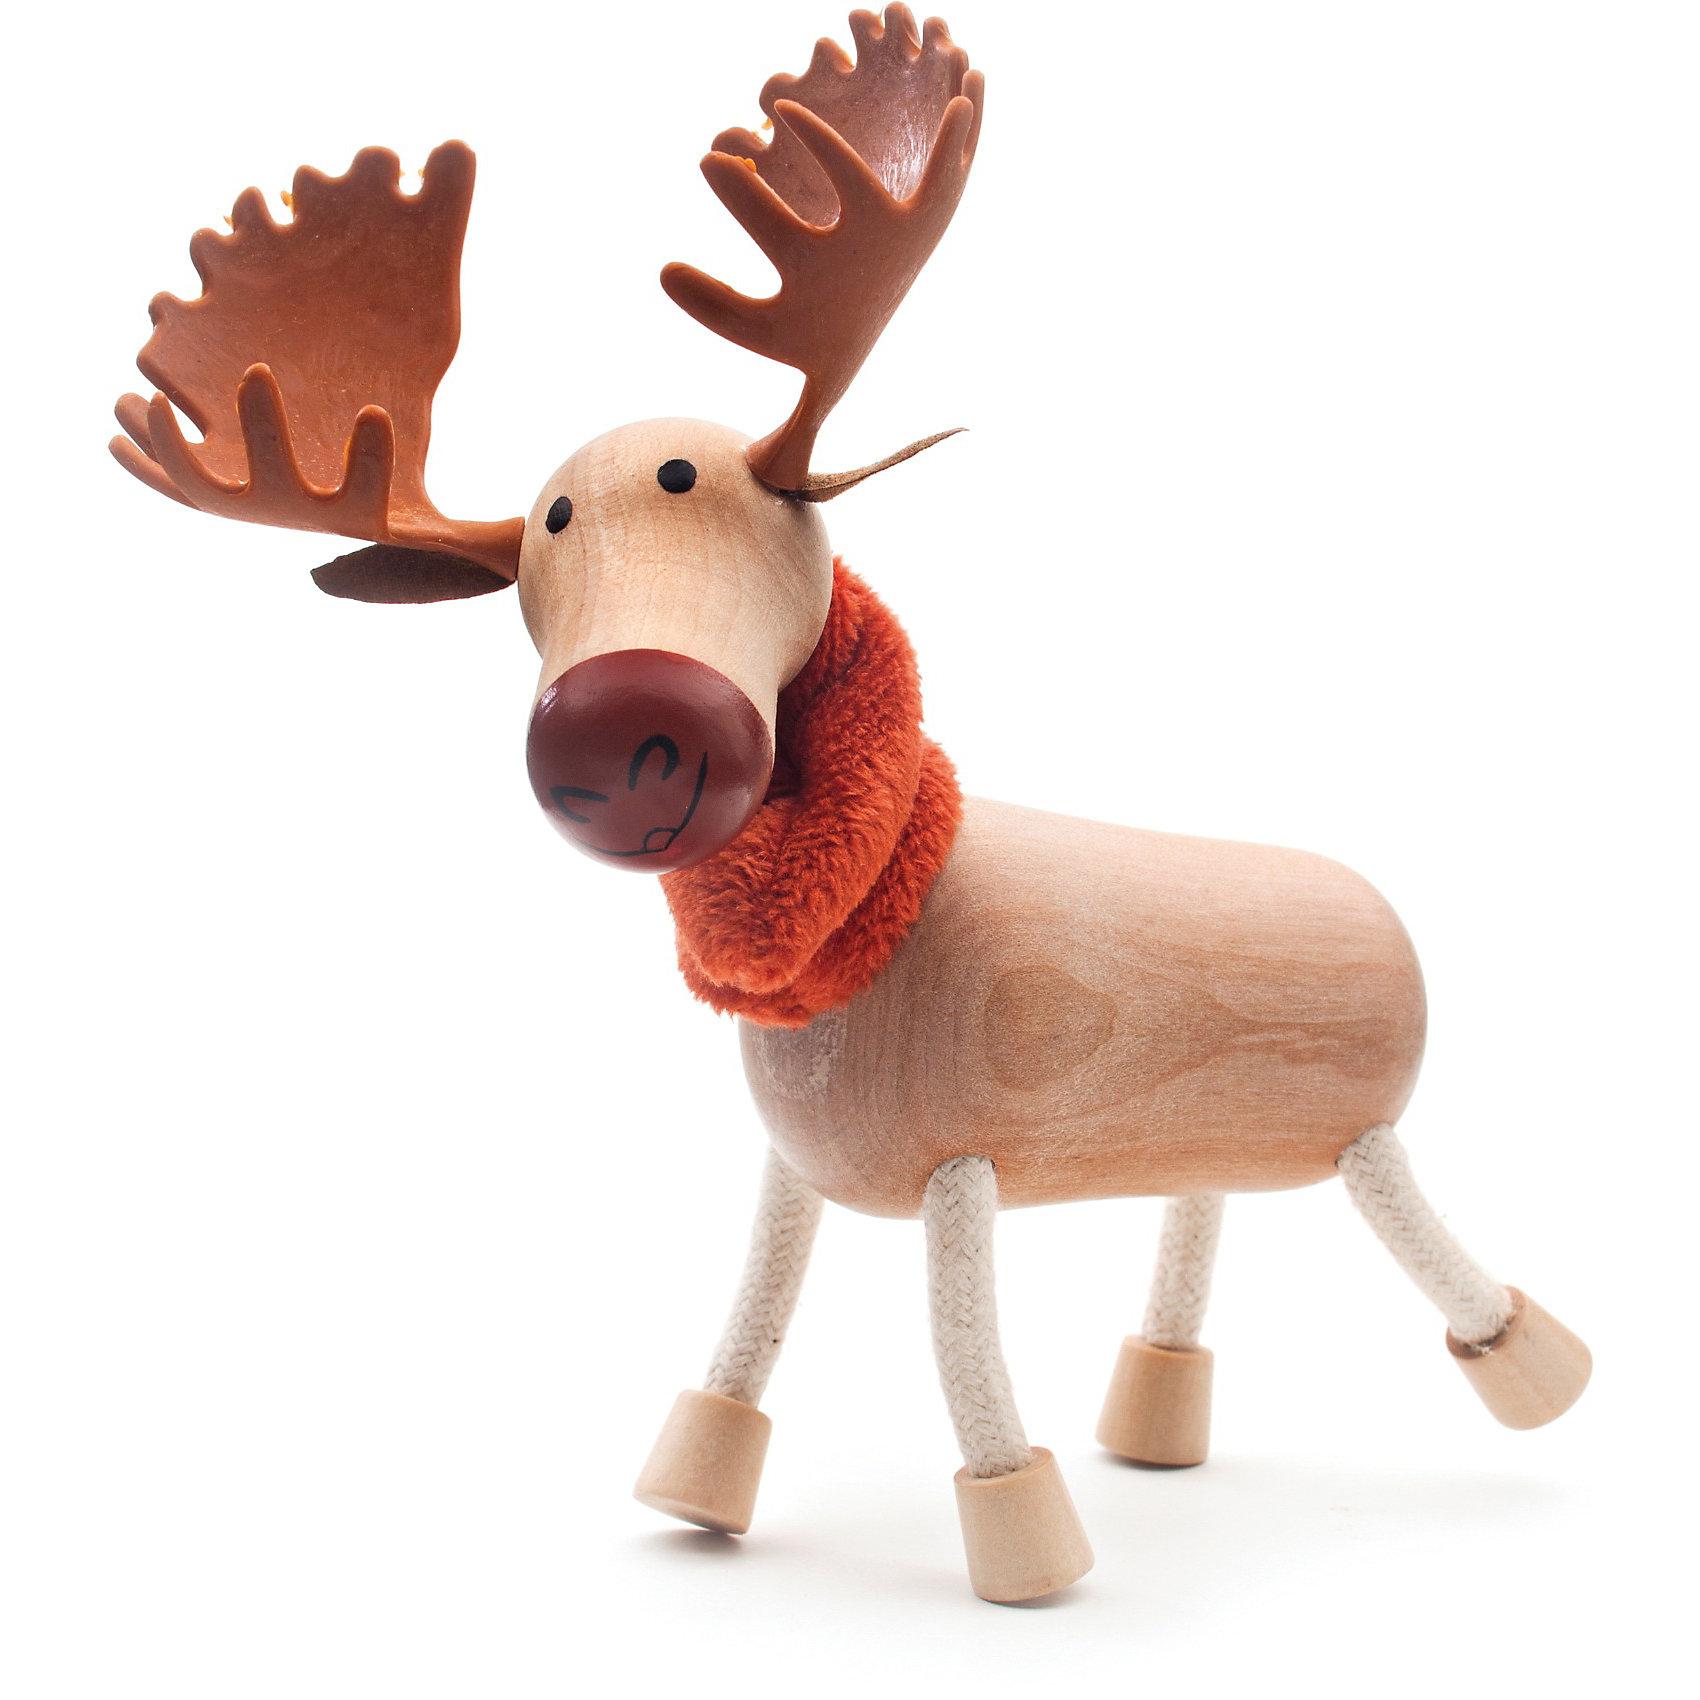 Лось, AnaMalzAnaMalz – самые милые деревянные игрушки на свете!<br><br>Придуманные австралийским дизайнером Луизой Косан-Скотт,<br>игрушки AnaMalz завоевали более 15 отраслевых наград, включая Австралийскую международную награду в области дизайна, присуждаемую организацией Standards Australia.<br><br>- Размеры: 14 х 8 х 12 см<br><br>- AnaMalz изготовлены из дерева, называемого schima superba или «игольчатое дерево» (быстрорастущее дерево, выращиваемое на лесных плантациях)<br><br>- Рога изготовлены из термопластичной резины (TPR) – материала, одобренного Управлением по контролю качества пищевых продуктов и медикаментов (FDA). Смесь TPR с древесной мукой является экологичной альтернативой пластмассе<br><br>- Все игрушки AnaMalz раскрашиваются вручную с использованием безопасной для детей краски и клея без содержания формальдегида<br><br>- Древесные отходы от производства AnaMalz используются на ферме для выращивания грибов<br><br>AnaMalz завоевали популярность во всем мире. Они стали участниками телевизионных шоу TODAY, шоу Марты Стюарт, Daily Candy Kids и USA Today Weekend. <br><br>Наши маленькие деревянные друзья покорили сердца самых строгих критиков отрасли – и получили множество «игрушечных» наград!<br><br>Ширина мм: 140<br>Глубина мм: 80<br>Высота мм: 120<br>Вес г: 88<br>Возраст от месяцев: 36<br>Возраст до месяцев: 168<br>Пол: Унисекс<br>Возраст: Детский<br>SKU: 3807618